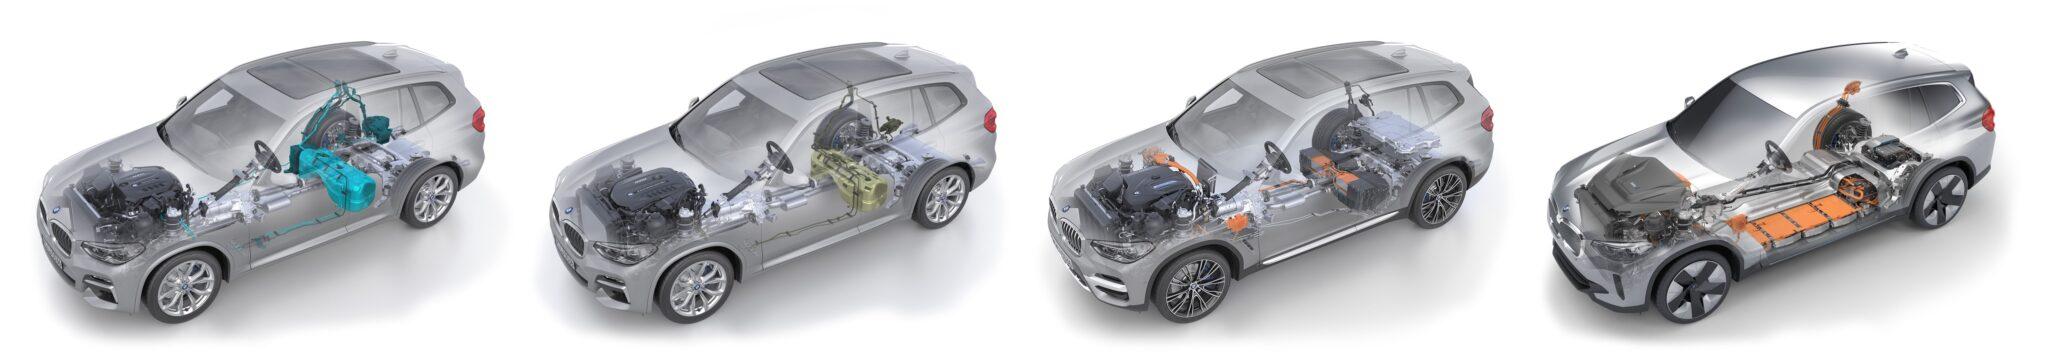 Der erste BMW iX3 | P90392477 highRes min scaled